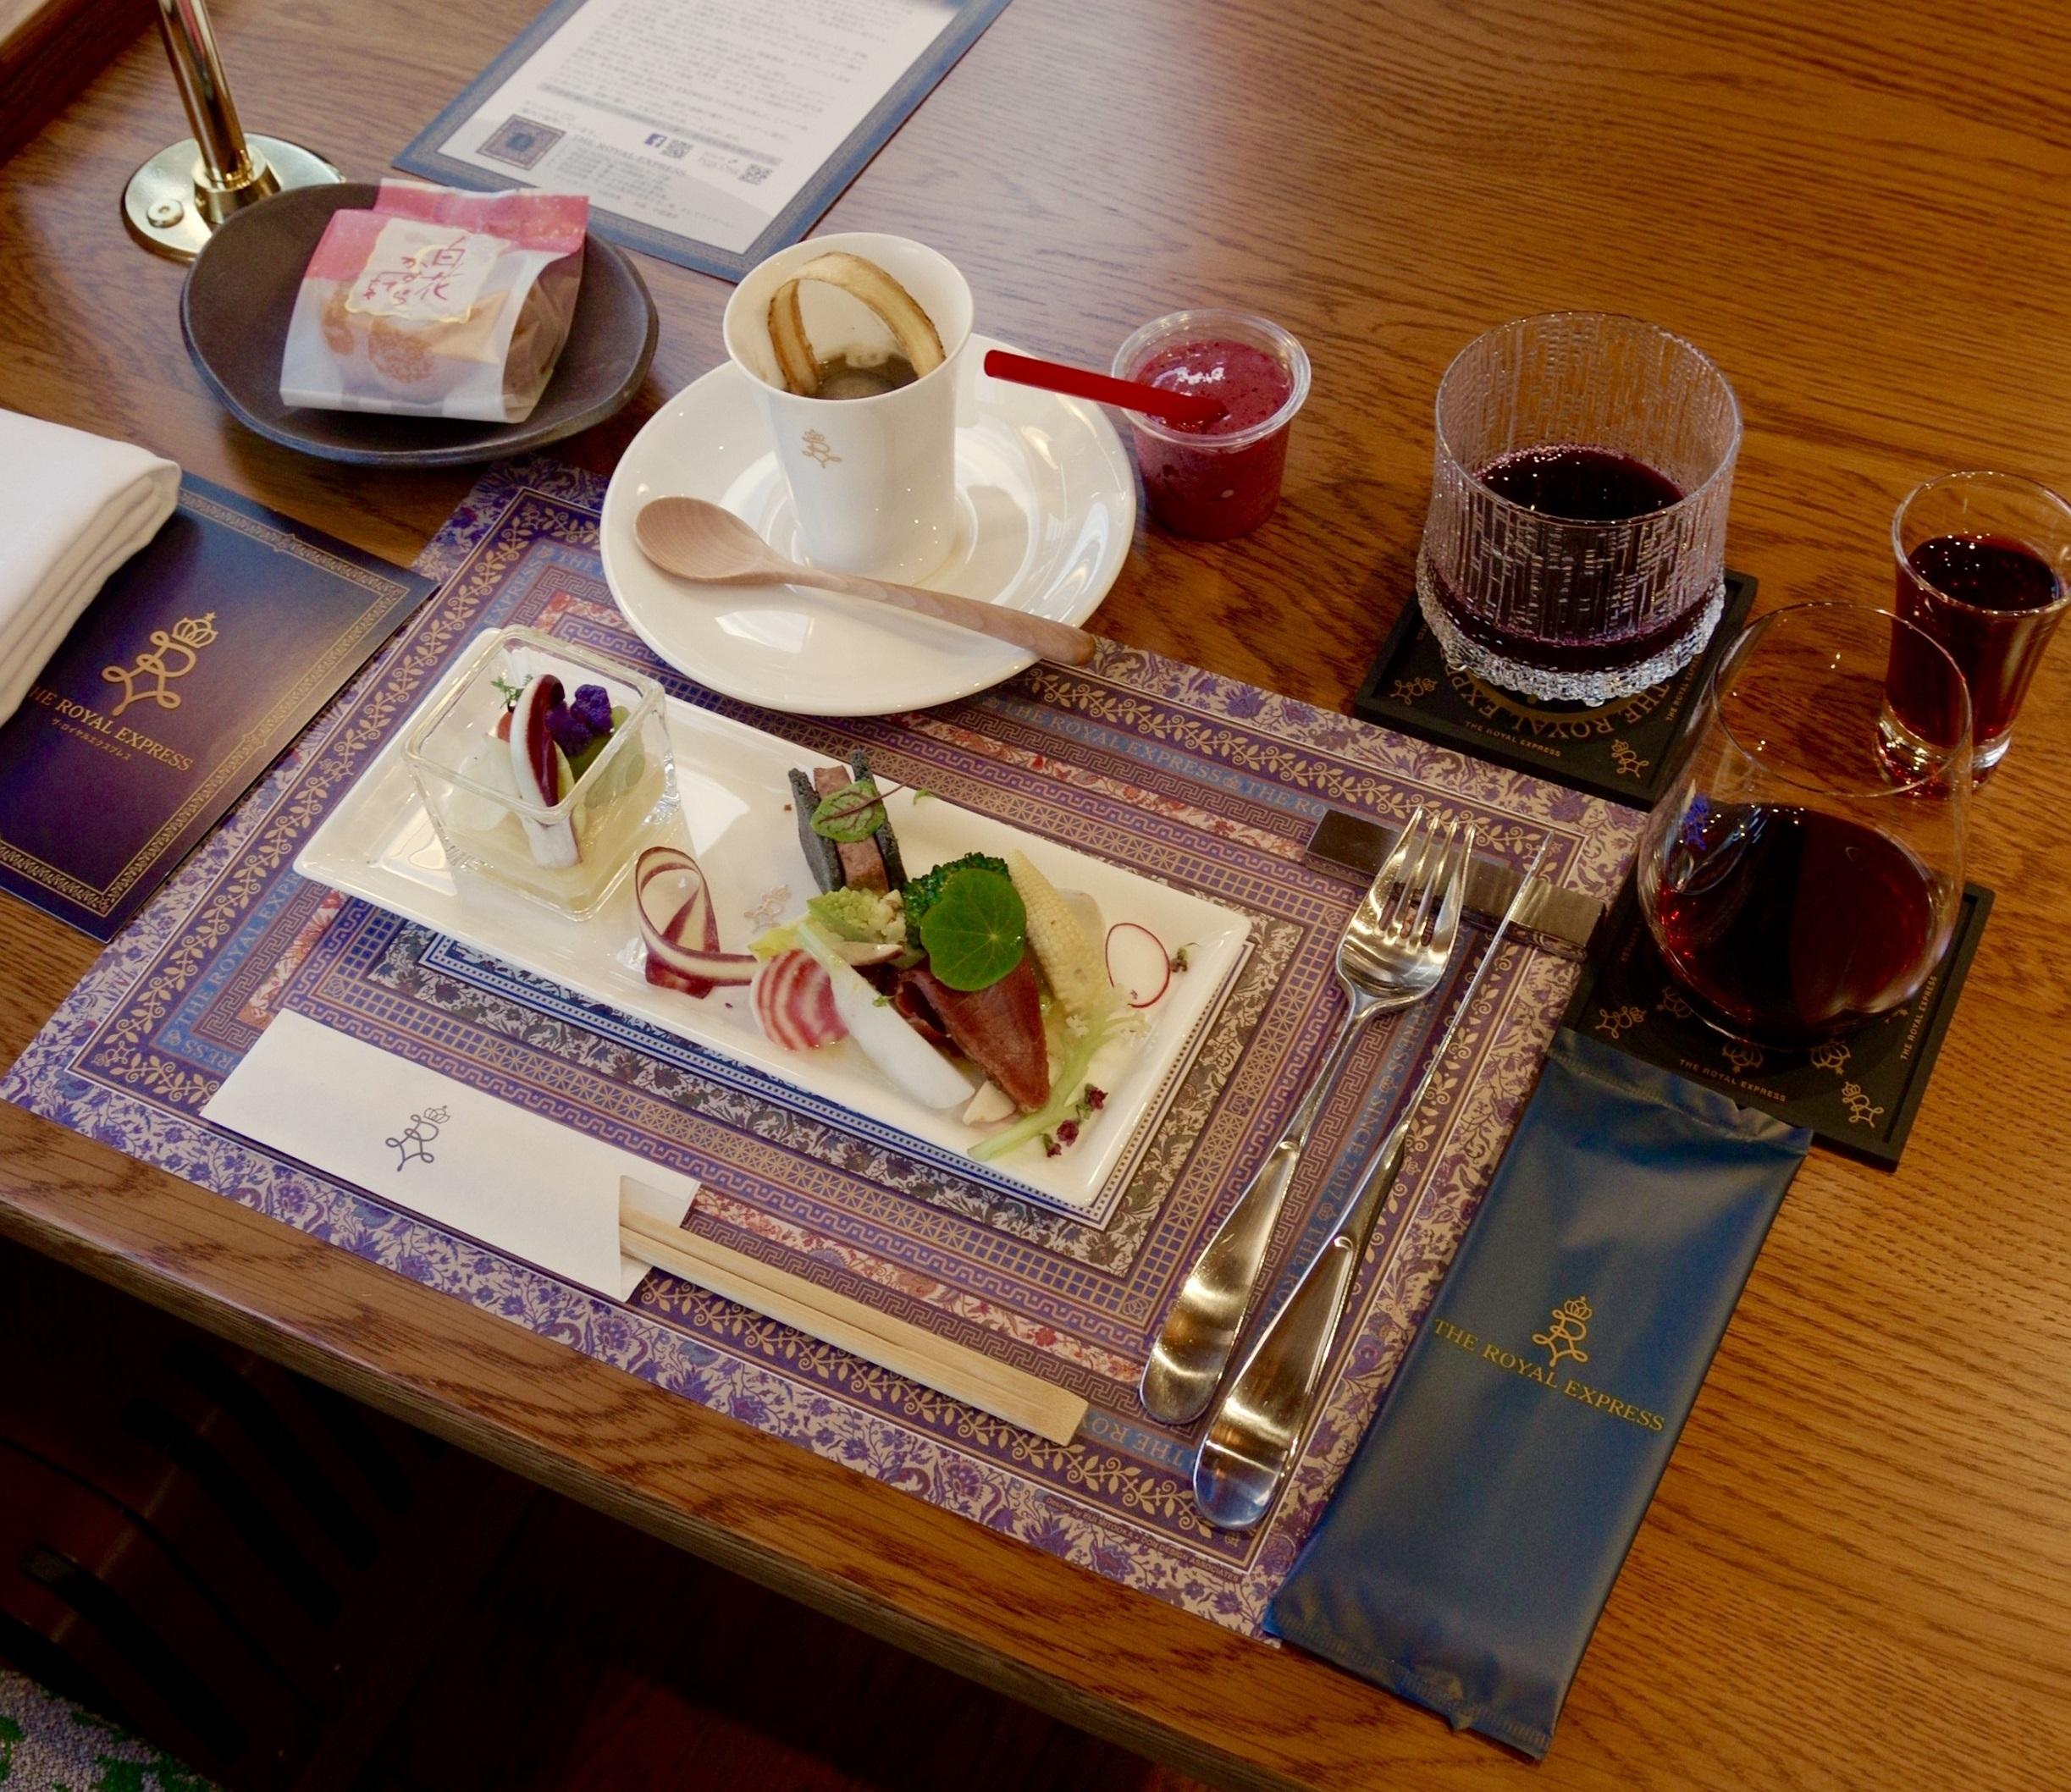 ザロイヤルエクスプレス北海道の料理は道産食材が豊富